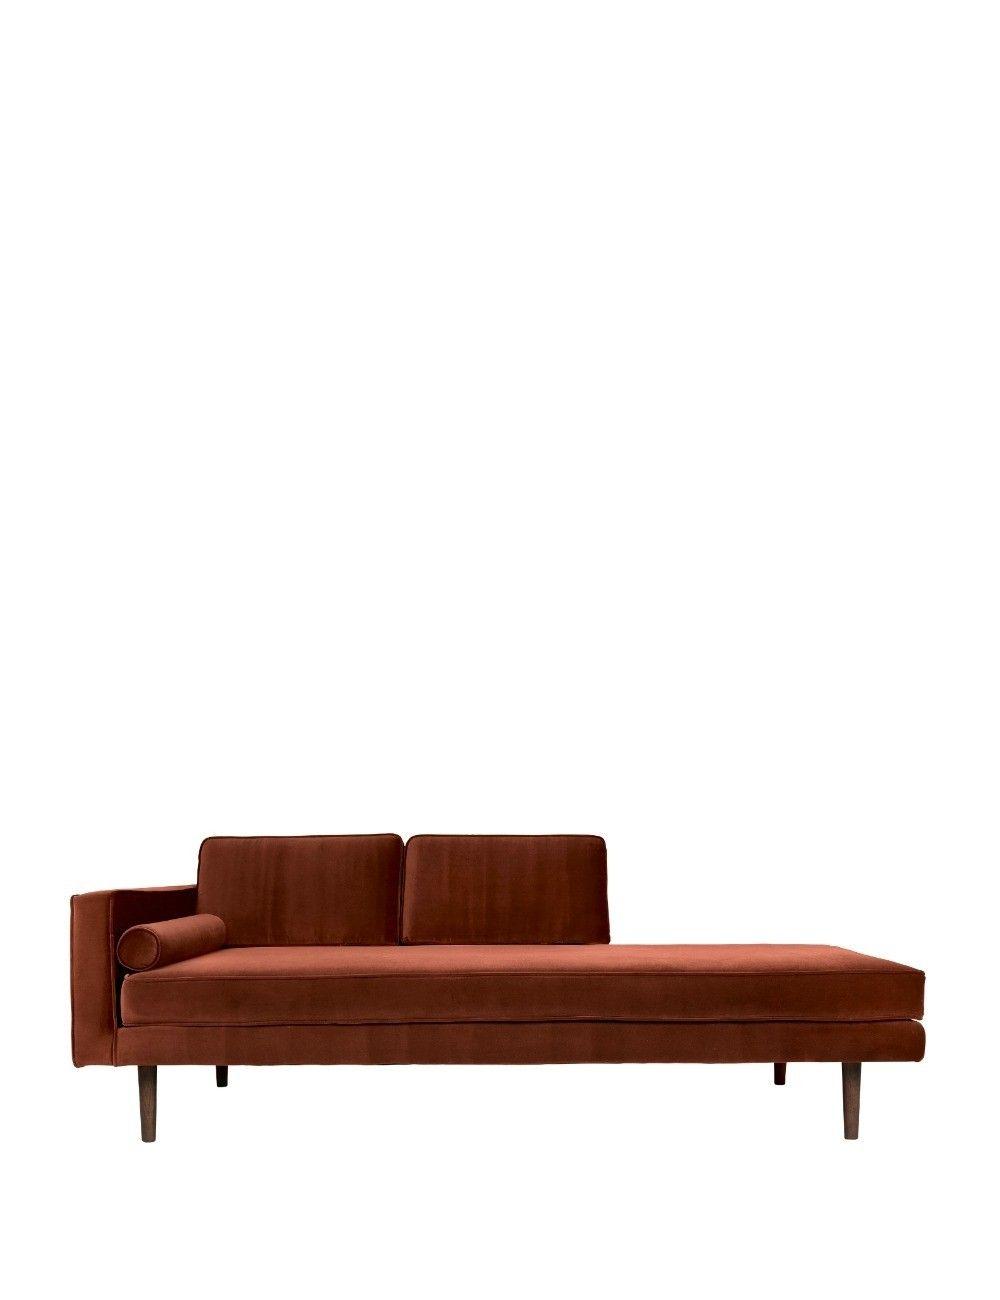 Nordic Velvet Chaise Longue Chaise Longue Velvet Furniture Chaise